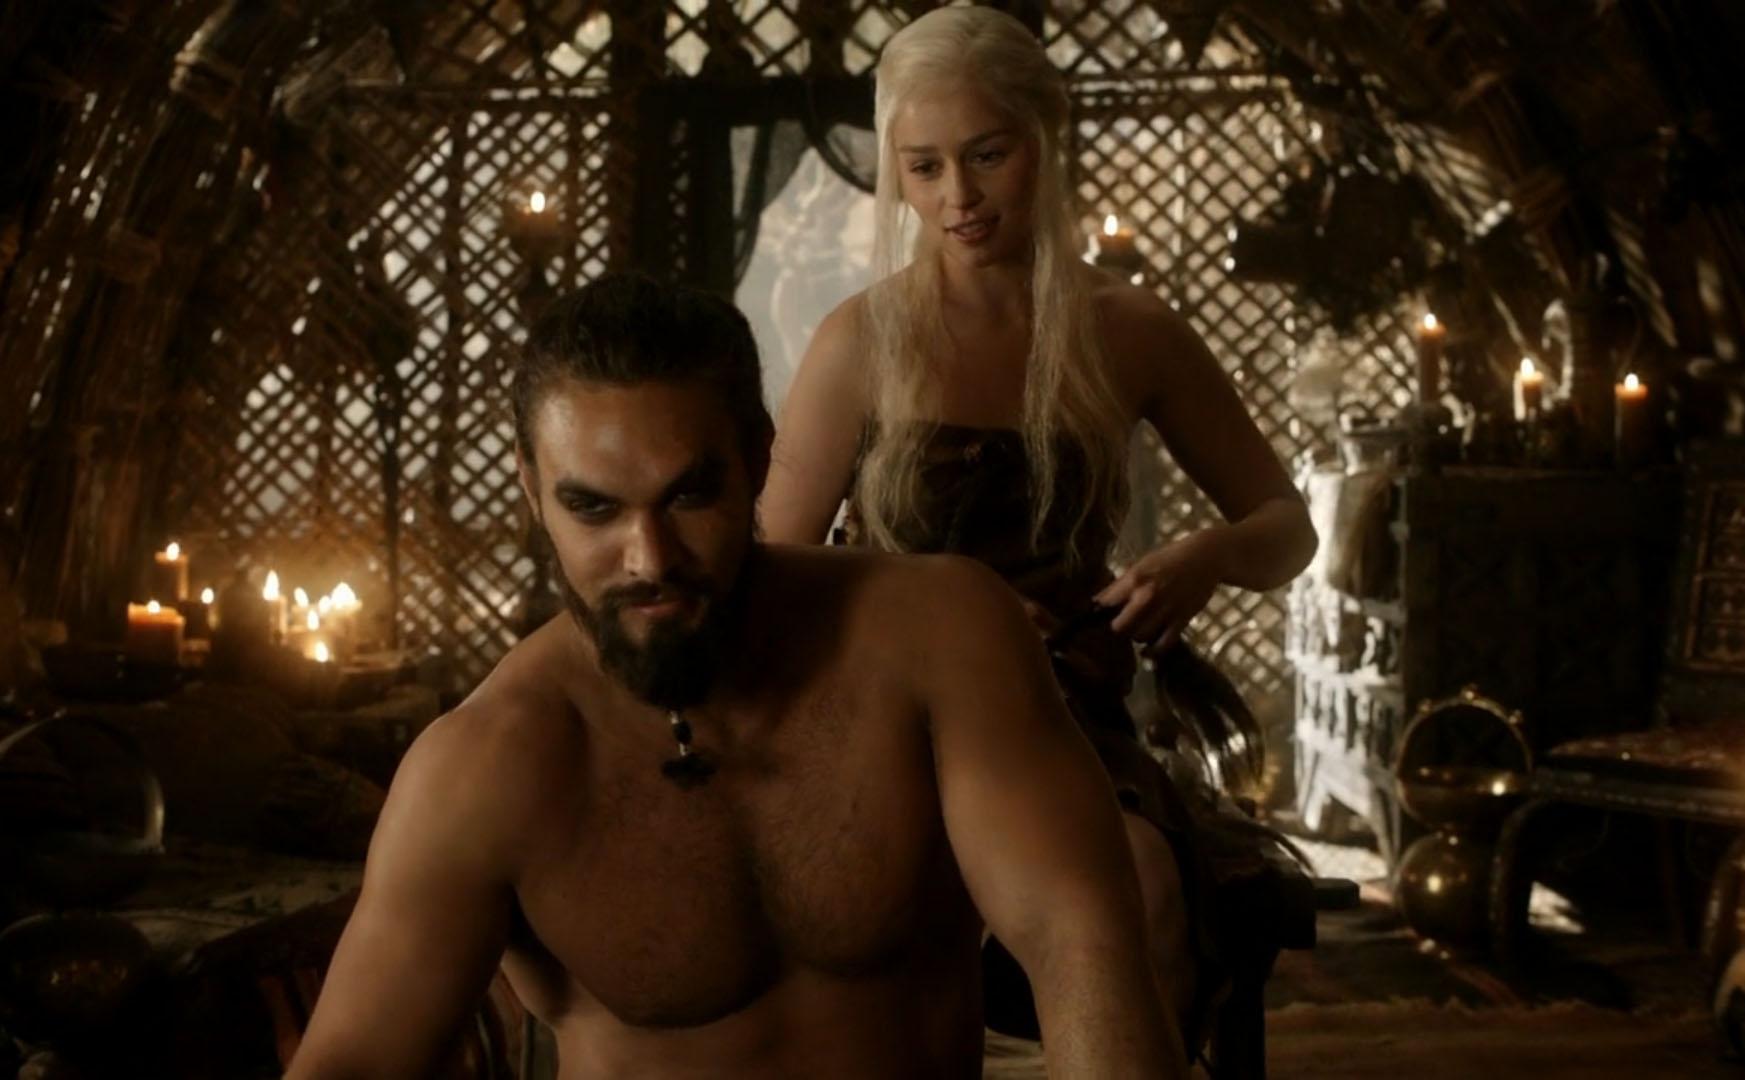 Henry y junio escenas de desnudos